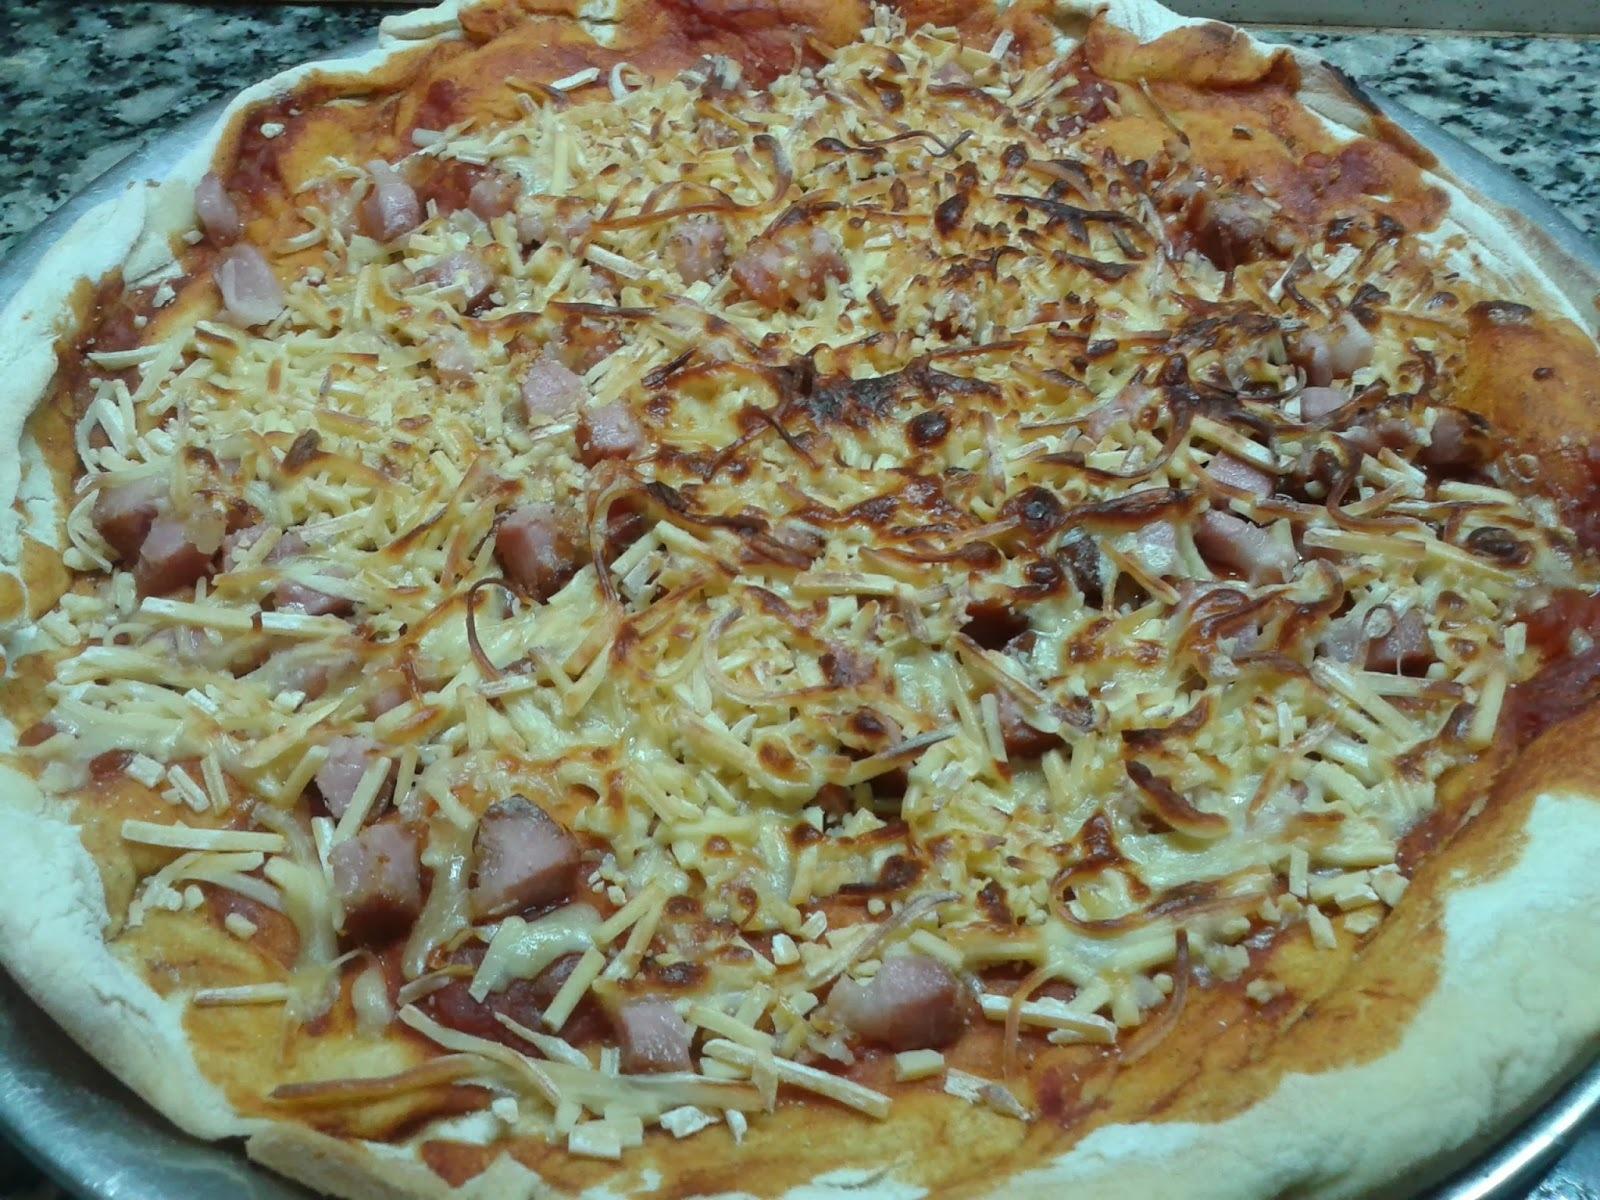 PIZZA A LA PIEDRA DE PANCETA A LOS CUATRO QUESOS (SIN LEVADURA)